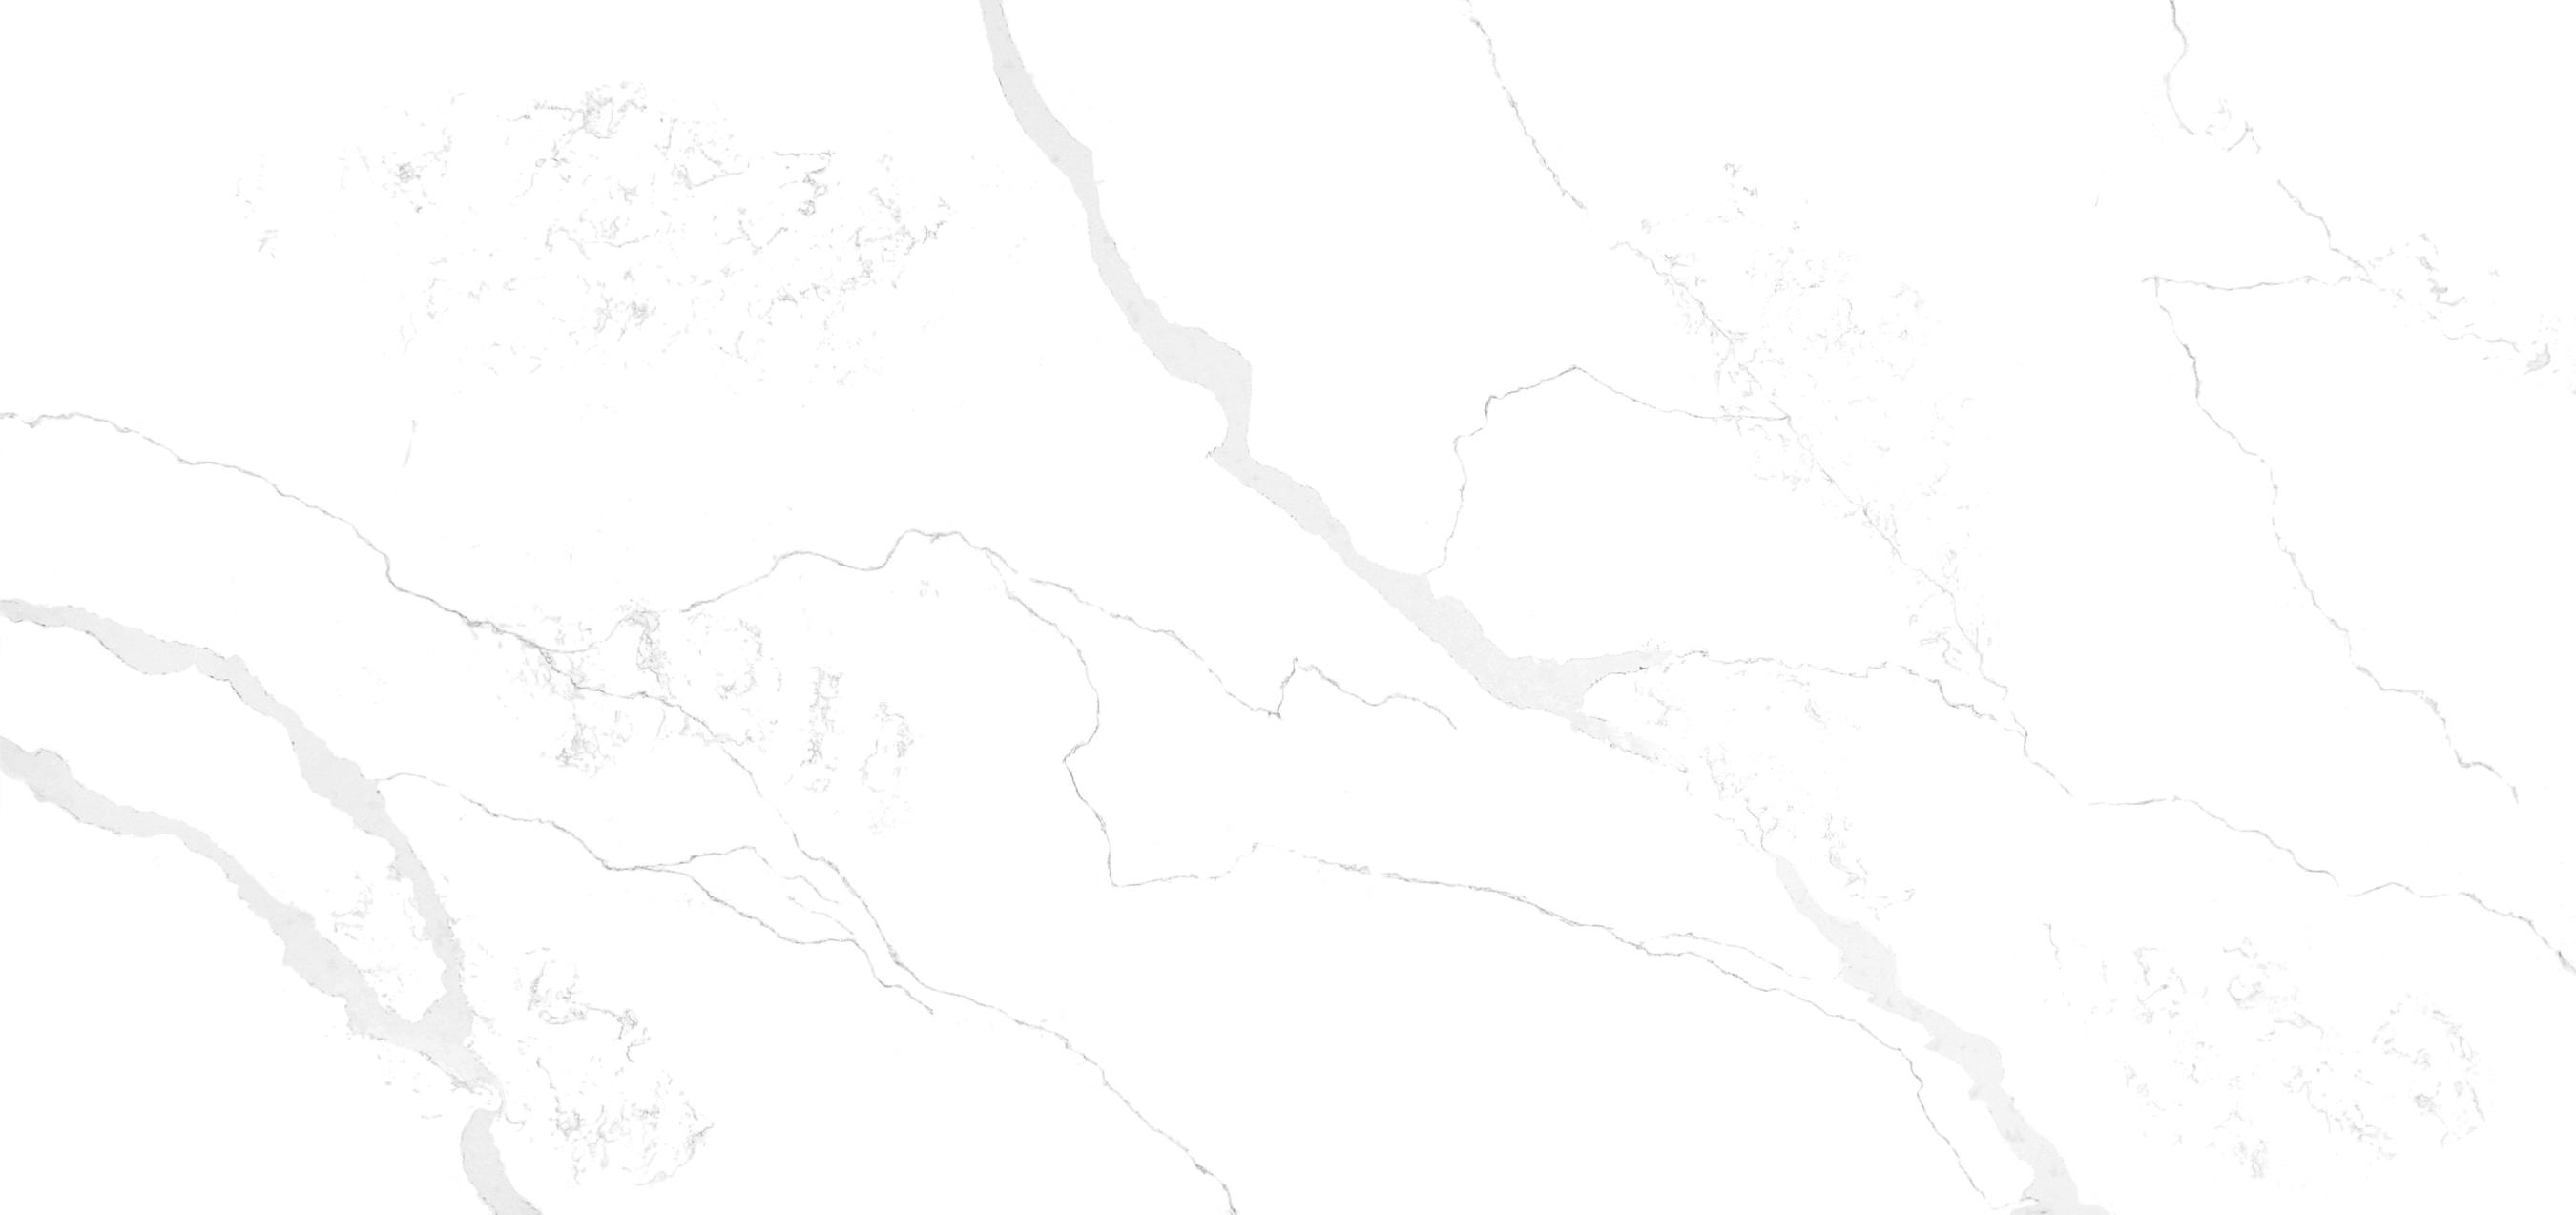 Zeal Sedona Stone And Tile